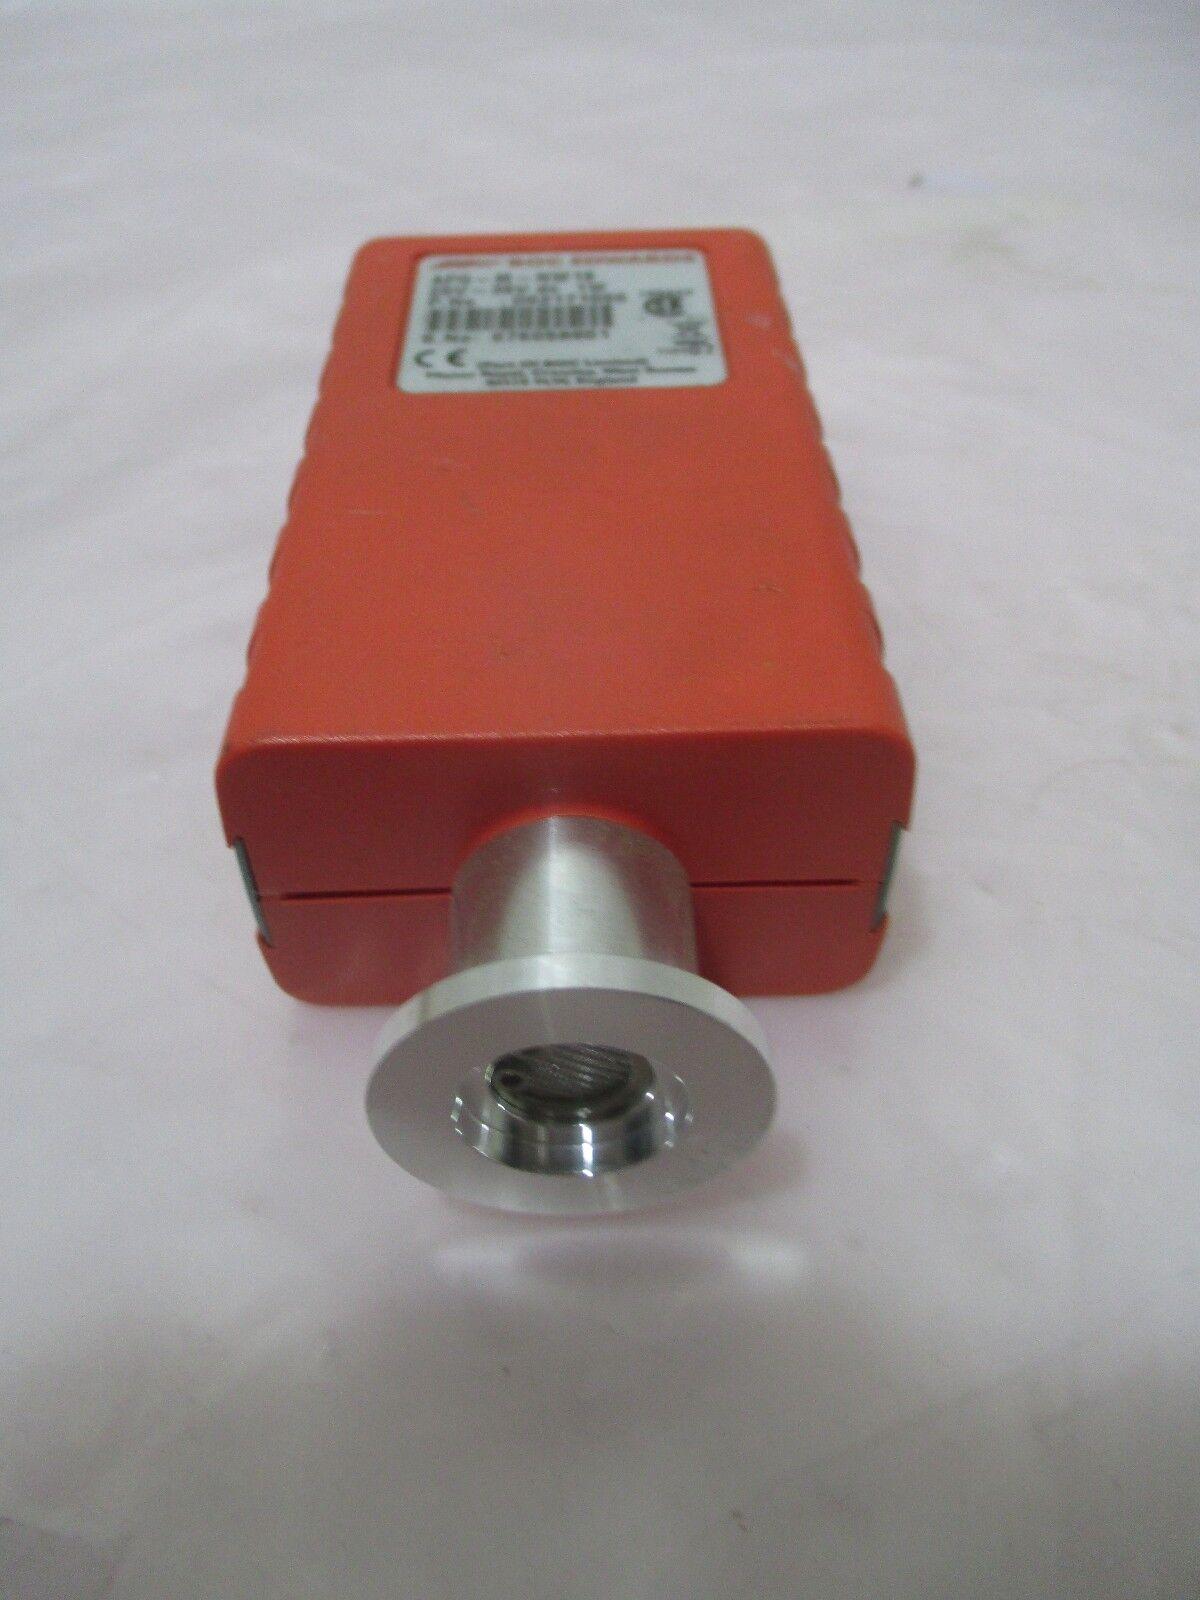 BOC Edwards APG-M-NW16 Active Pirani Gauge, 421206